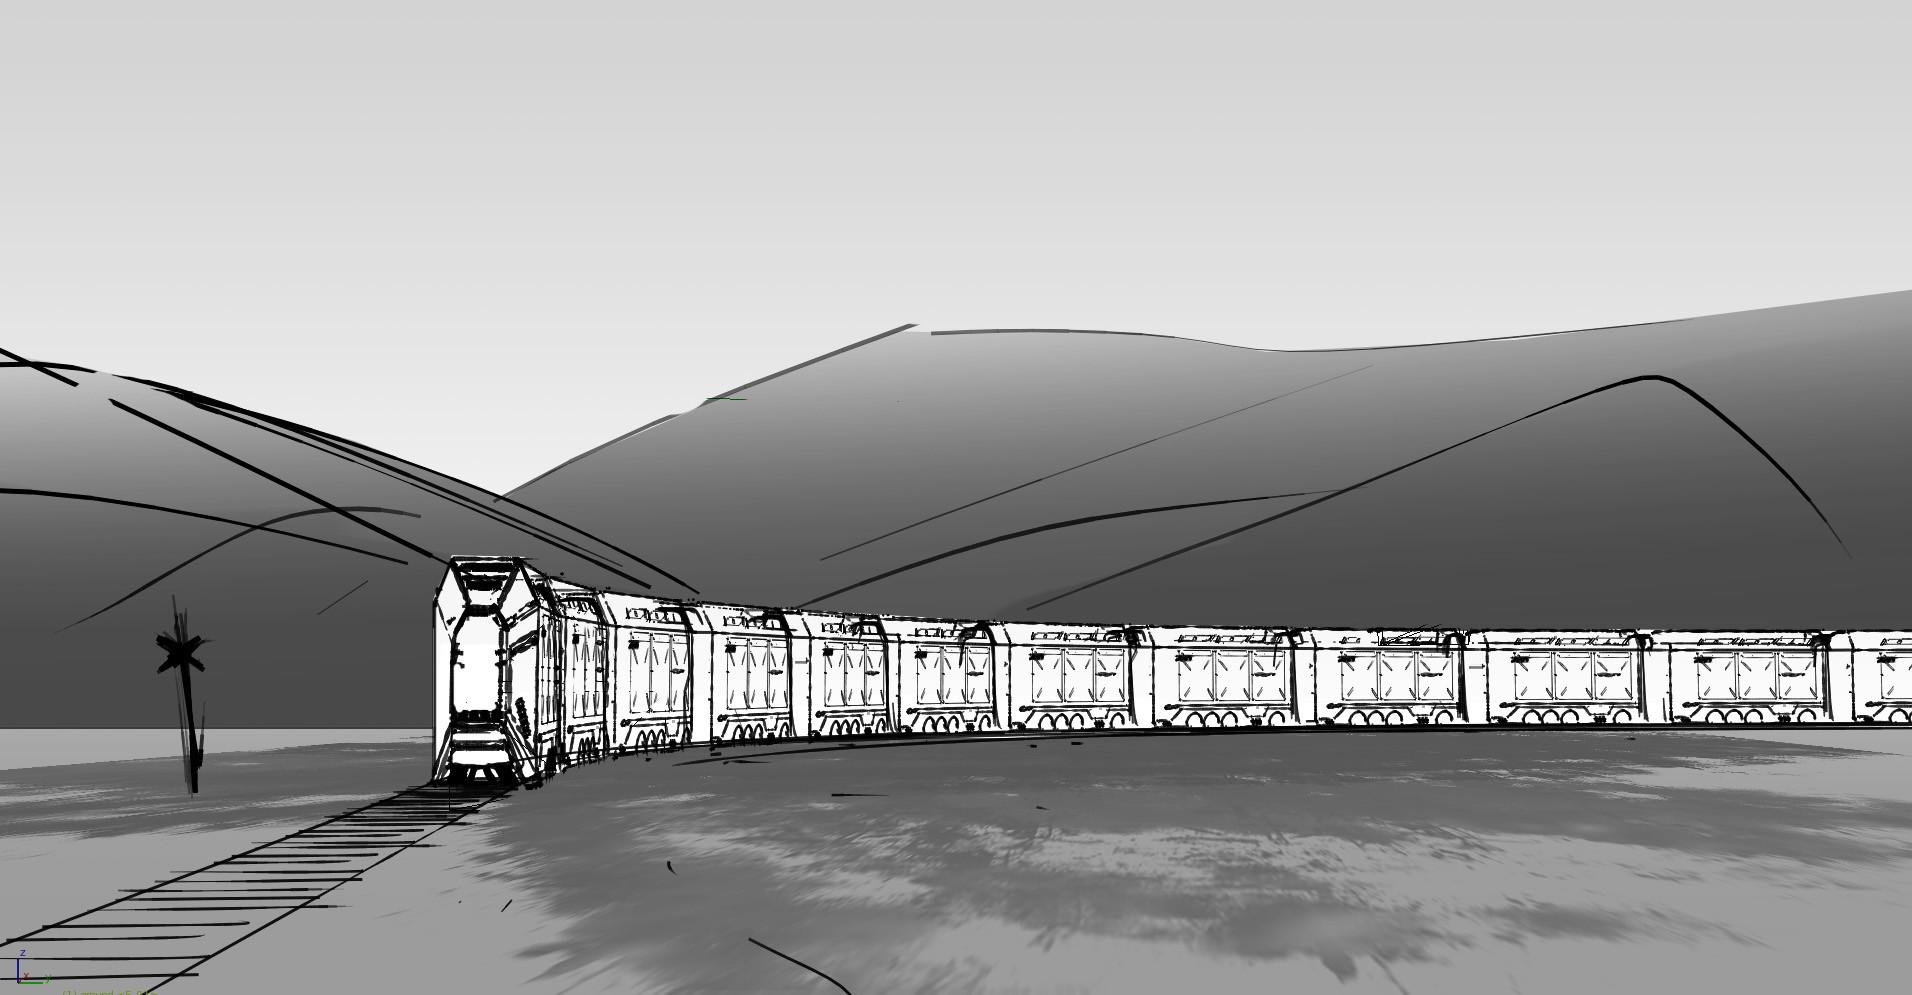 Henrik lundblx train storyboard 1a